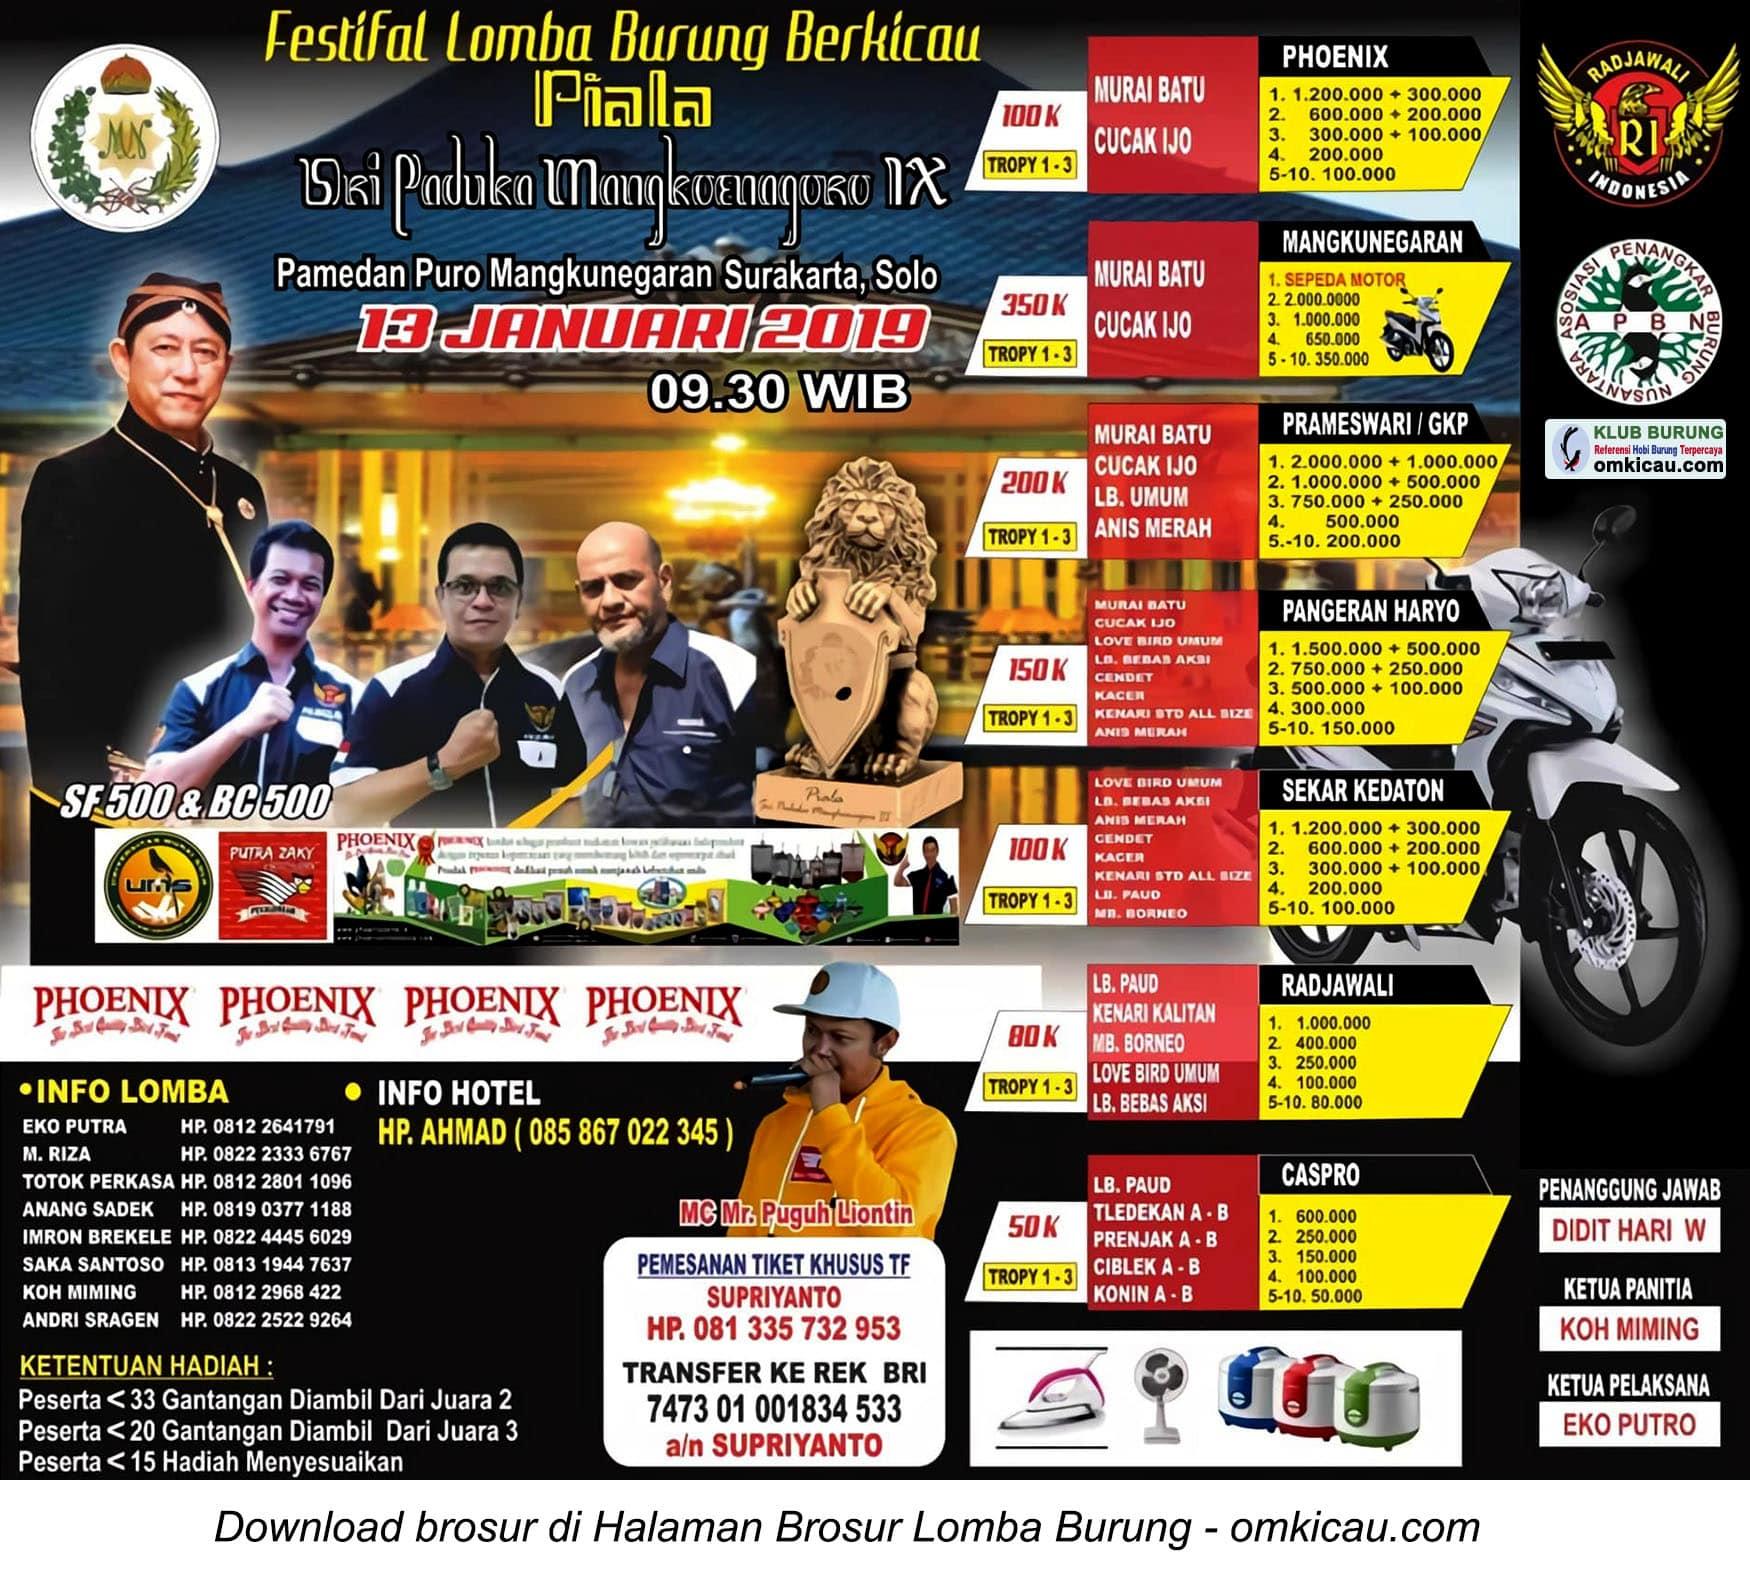 Piala Sri Paduka Mangkoenagoro IX